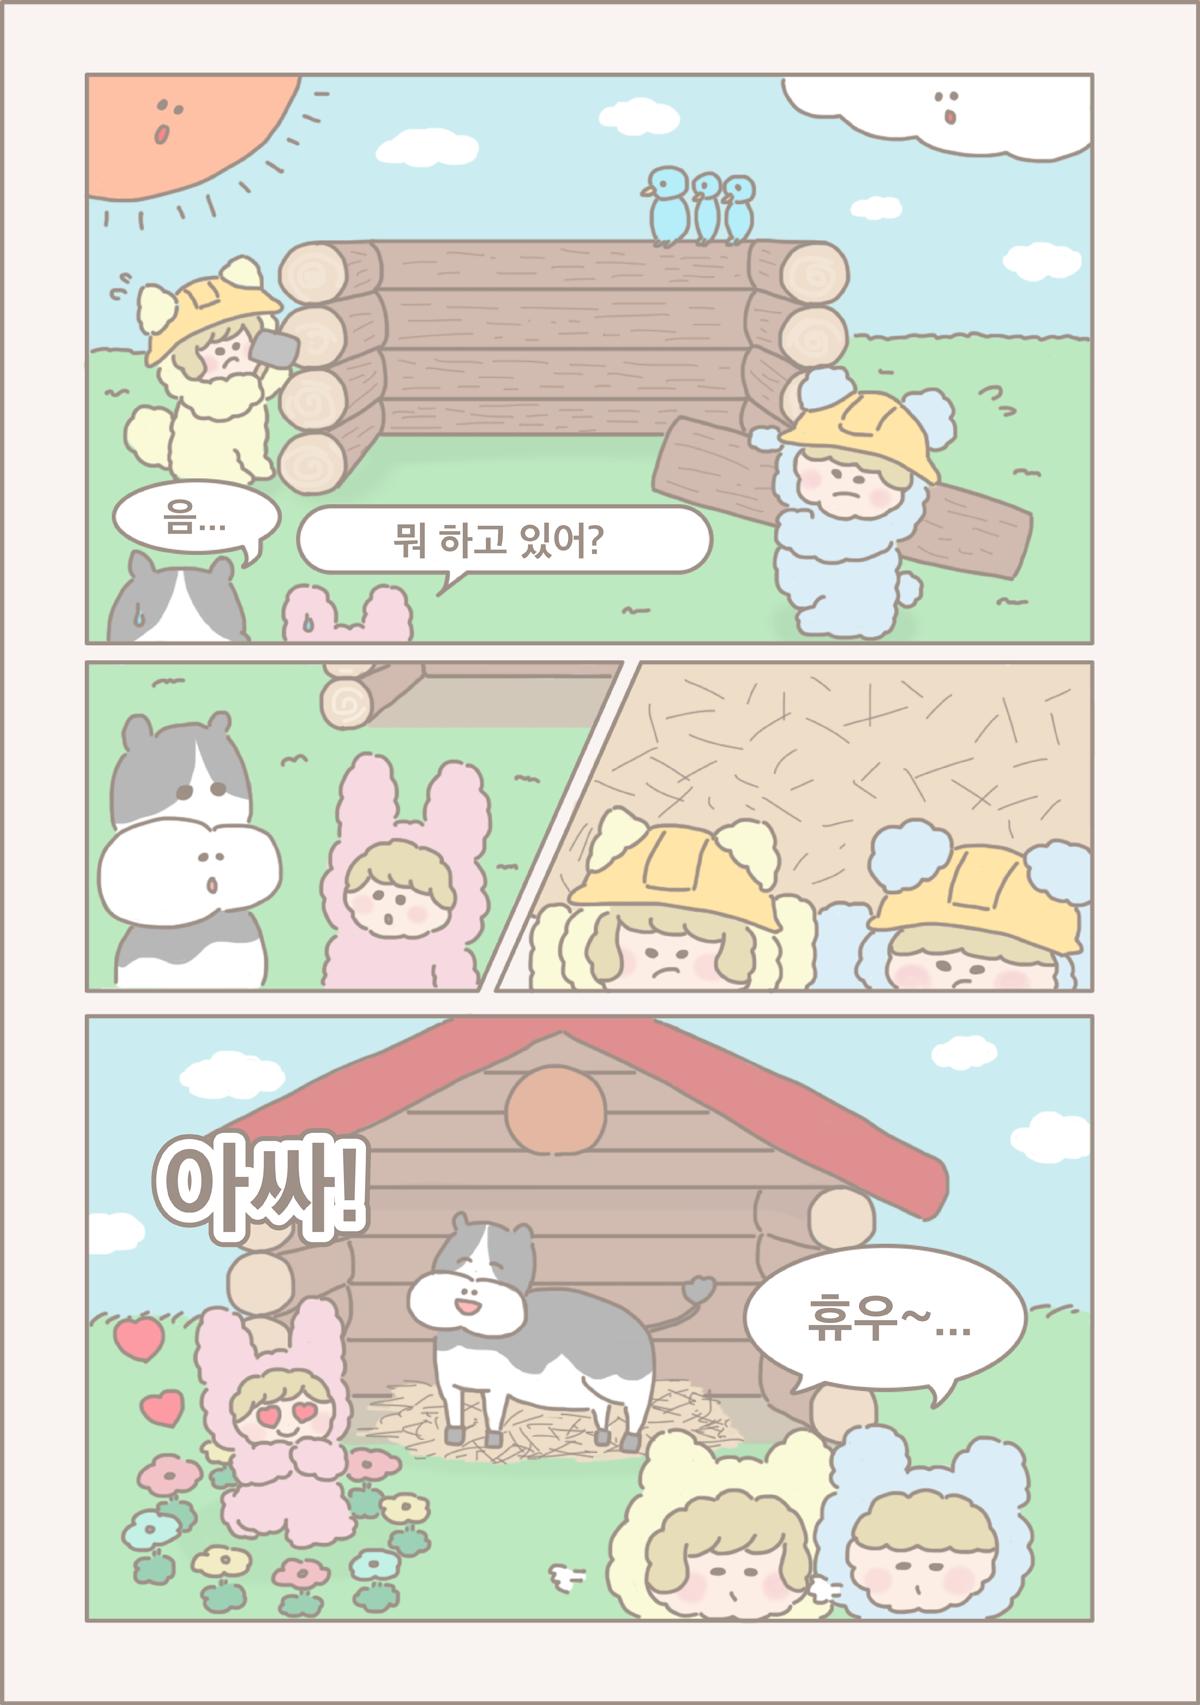 cam1-10_korean.png